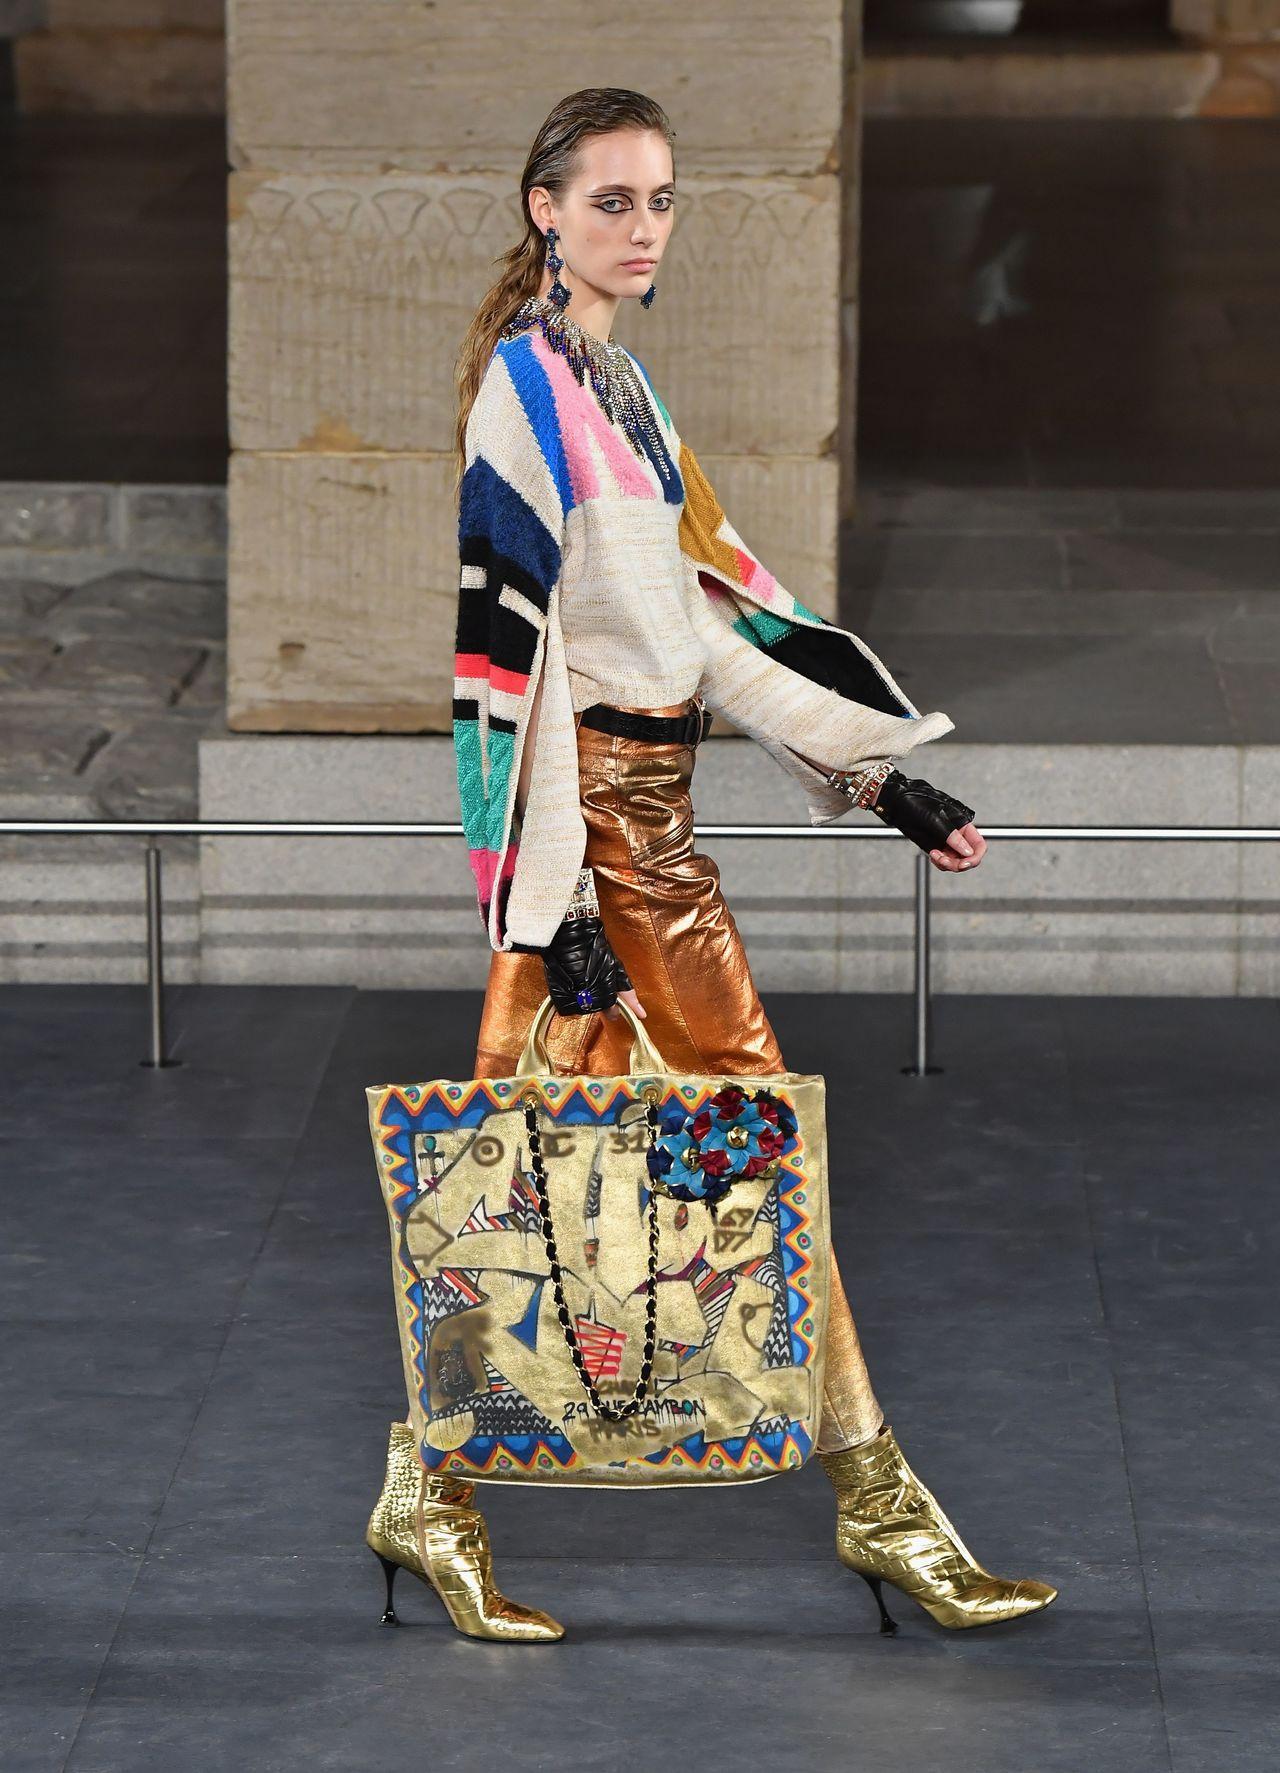 經常在埃及壁畫或是雕刻作品中所見到的多彩飽和配色和幾何圖樣也出現在服裝與包款上。...